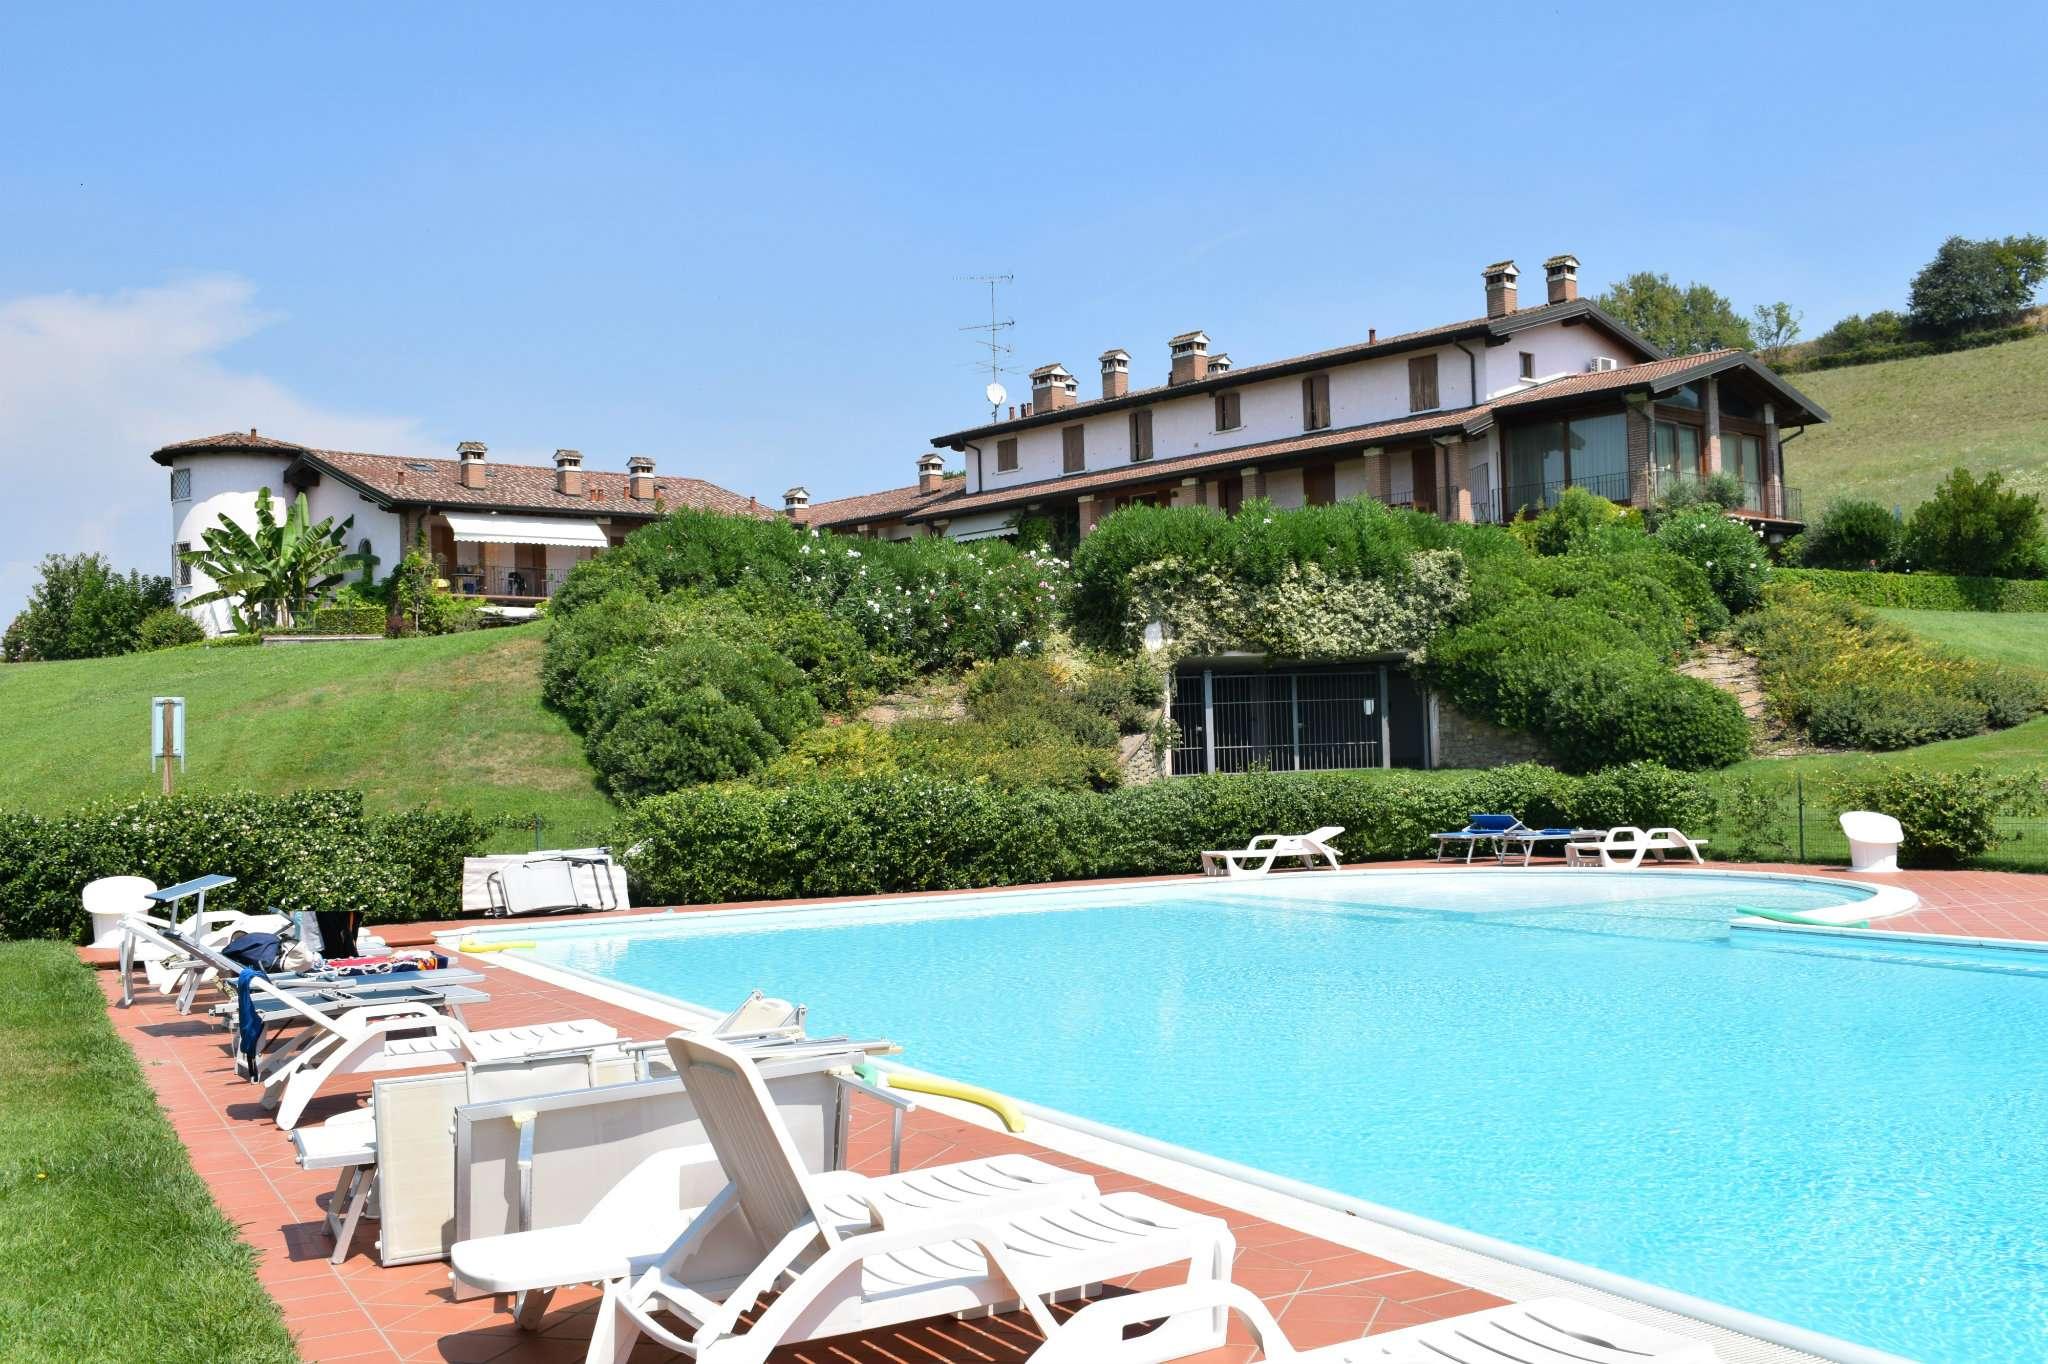 Appartamento in vendita a Lonato, 3 locali, prezzo € 300.000 | CambioCasa.it